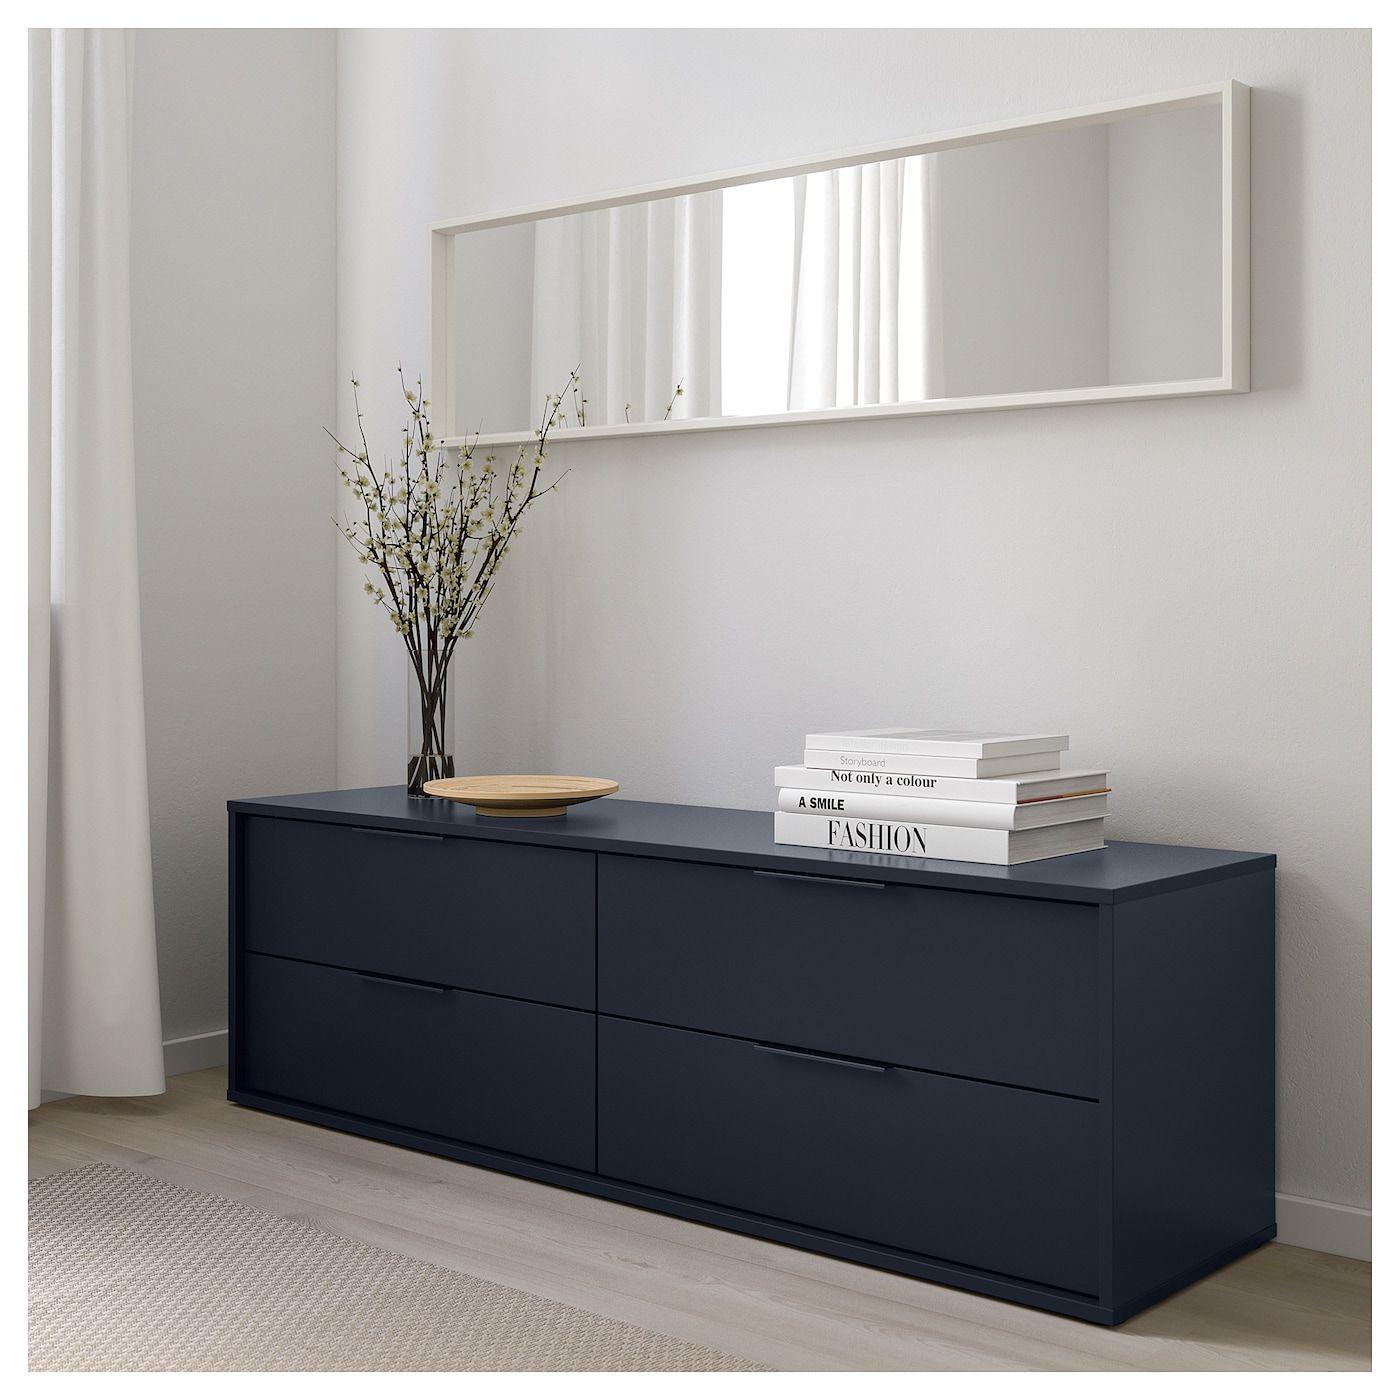 Nordmela 4 Drawer Dresser Black Blue 62 5 8x19 5 8 Mobilier